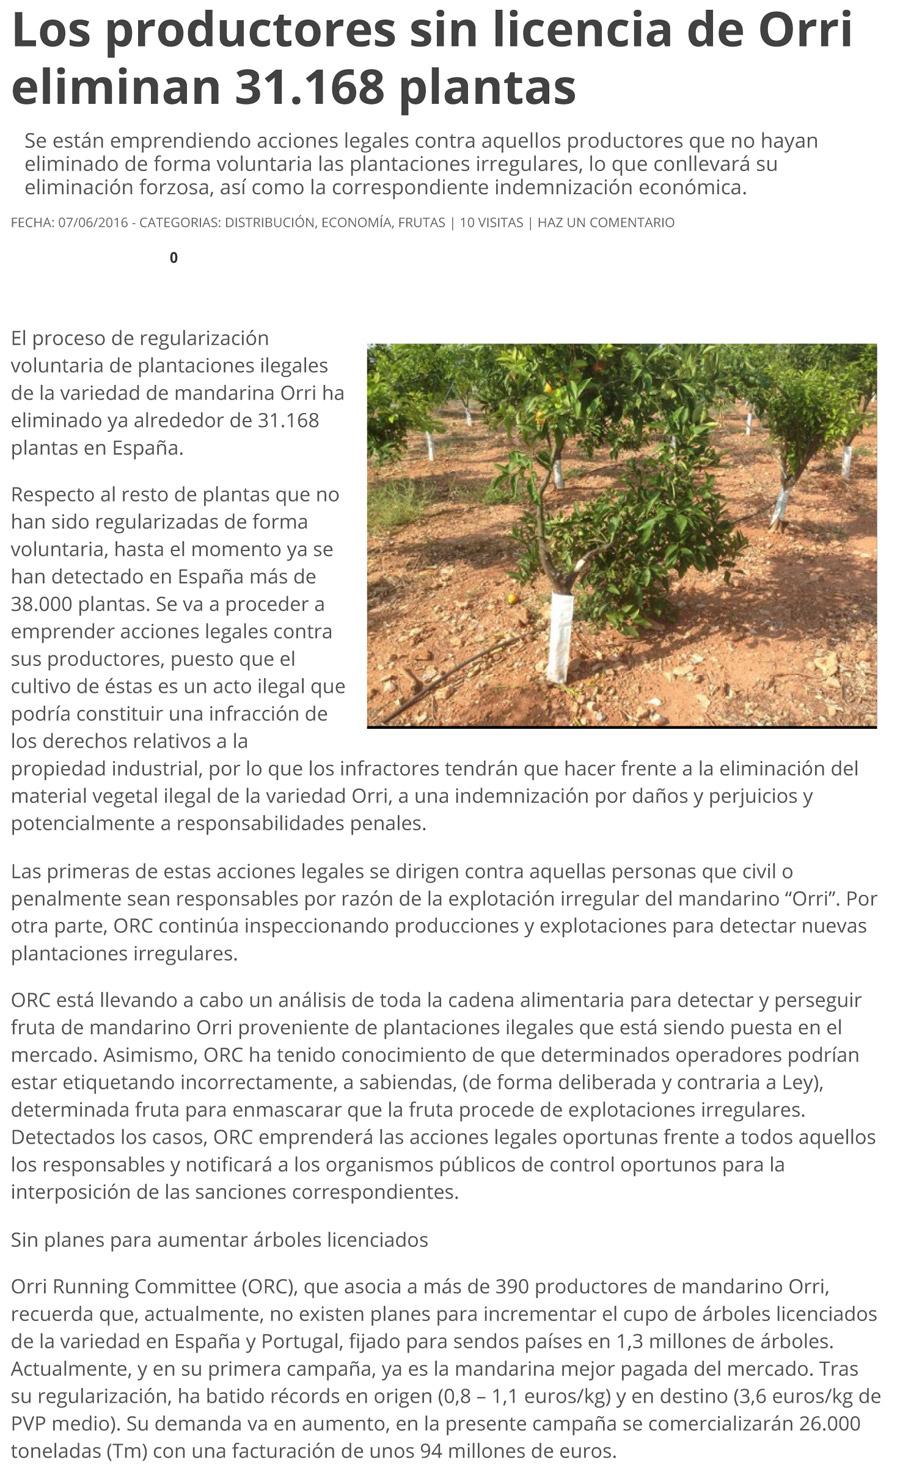 noticia-eliminan-31168-plantas-02